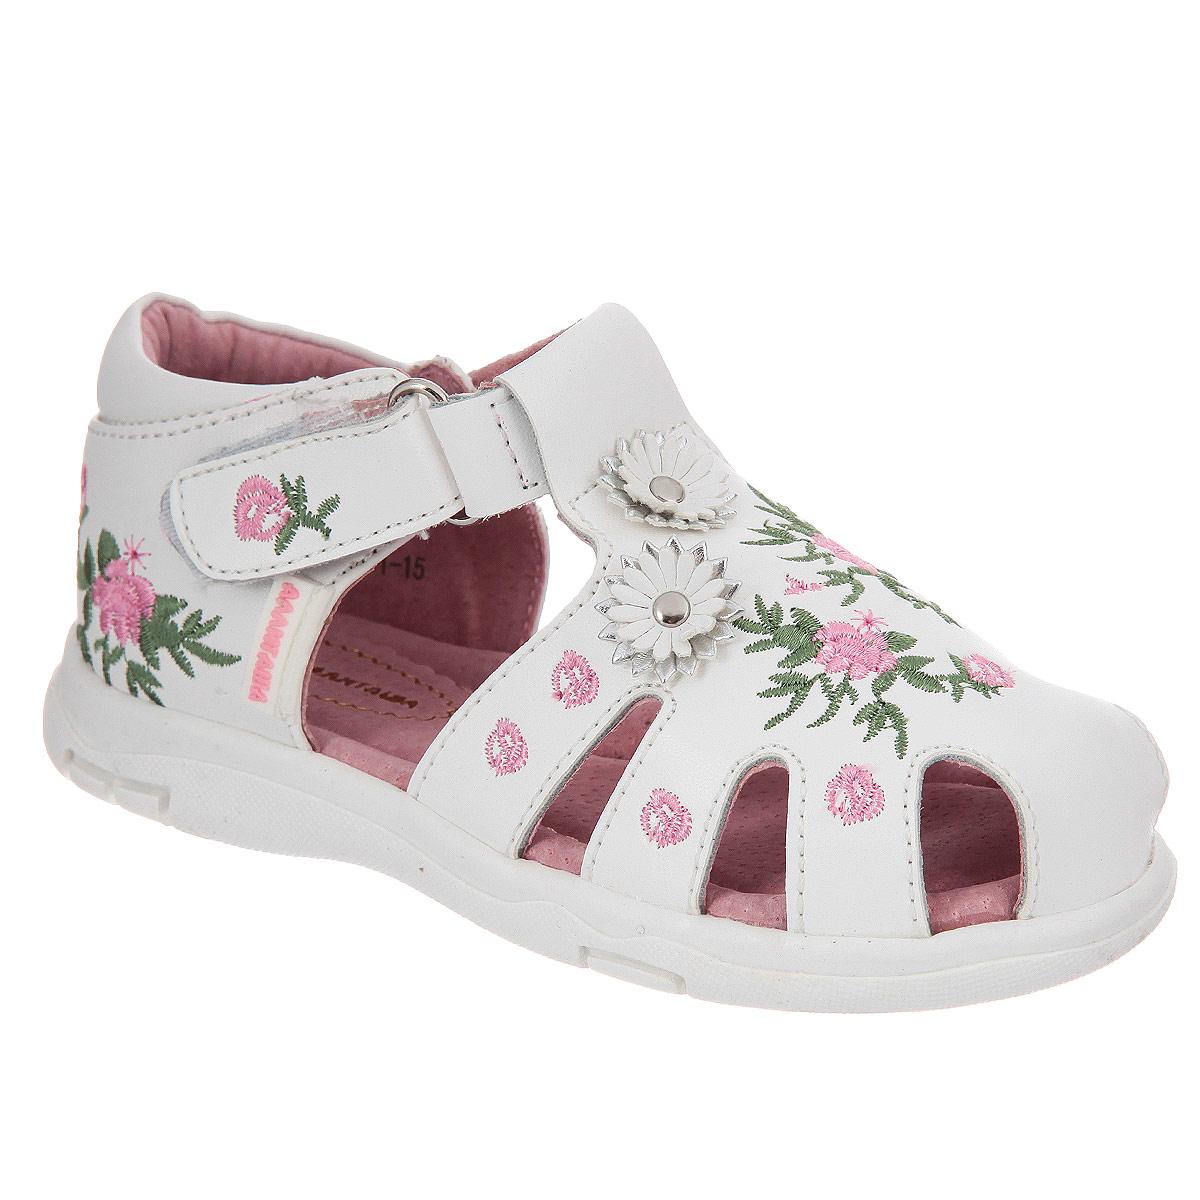 Сандалии24Яркие сандалии Аллигаша придутся по душе вашей маленькой моднице и идеально подойдут для повседневной носки в летнюю погоду! Модель выполнена из натуральной кожи и оформлена вышивкой. Спереди изделие украшено двумя цветками. Сердцевина цветов оформлена металлической заклепкой. Сбоку обувь оформлена прорезиненным названием бренда. Ремешок на застежке-липучке надежно зафиксирует модель на ноге ребенка. Стелька с супинатором, выполненная из натуральной кожи, обеспечивает правильное положение ноги ребенка при ходьбе, предотвращает плоскостопие. Рифленая поверхность подошвы защищает изделие от скольжения. Стильные сандалии - незаменимая вещь в гардеробе каждой девочки!